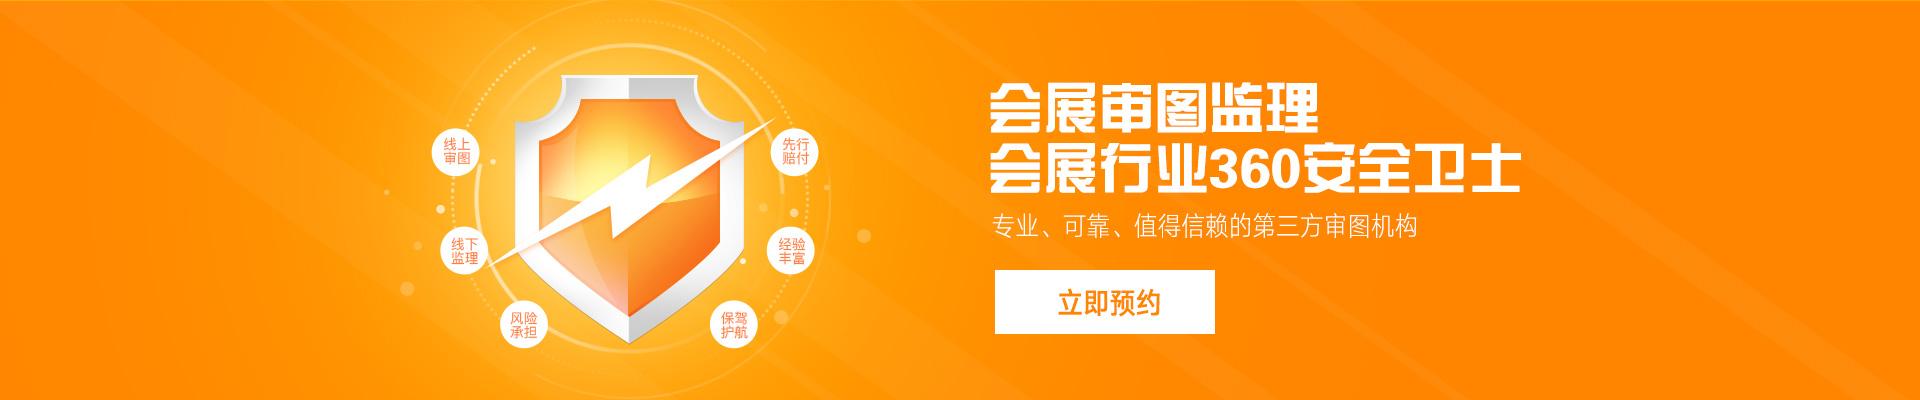 2019年中国国际数码互动娱乐展览会(ChinaJoy)